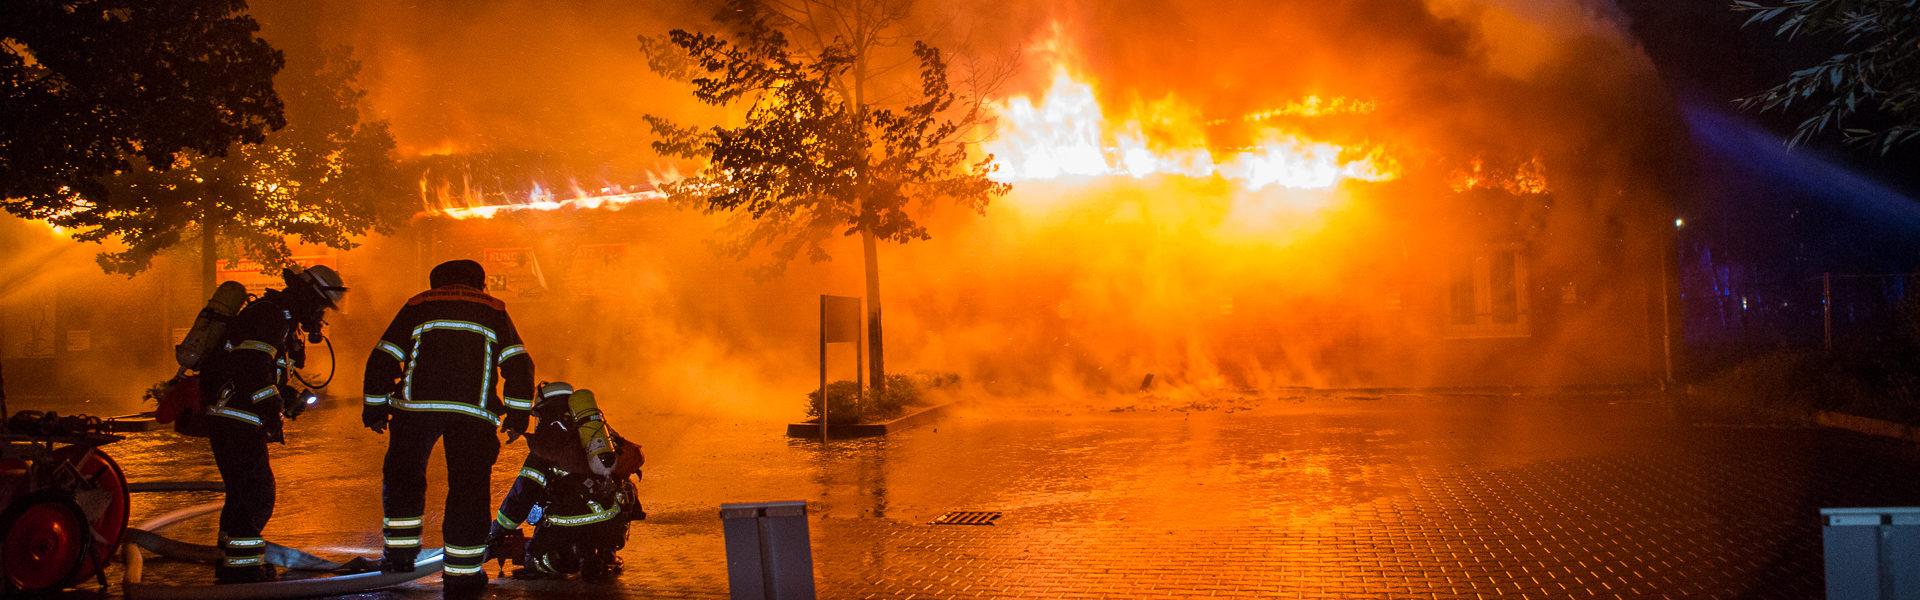 05.07.2020 – Müllcontainerbrand entwickelt sich zum Großbrand